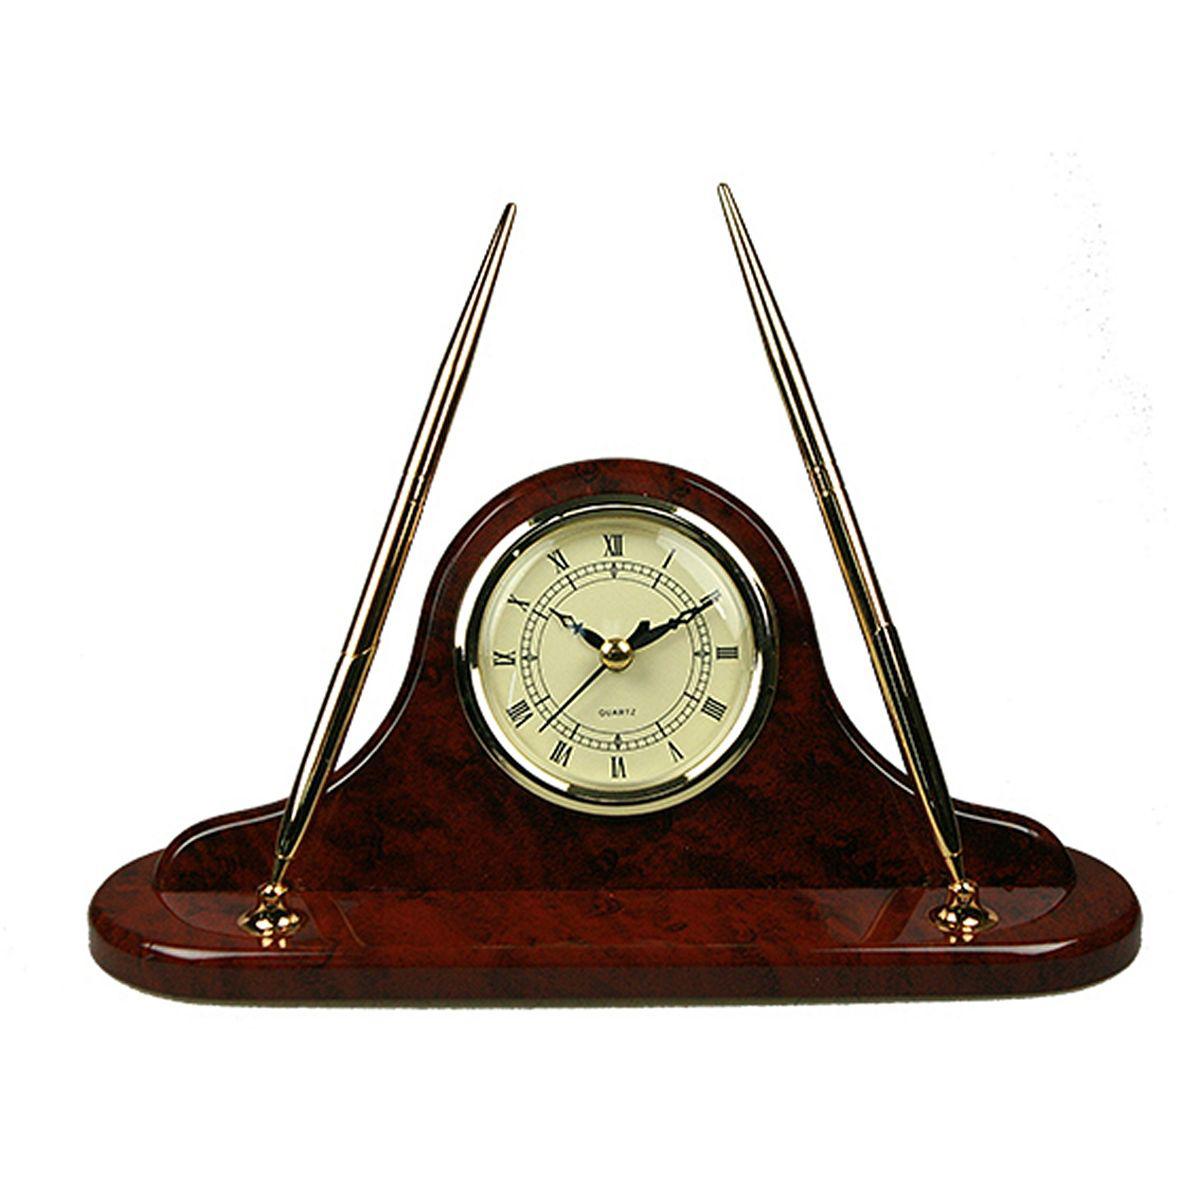 Часы настольные Русские Подарки Brigant, с ручкой, 27 х 13 х 8 см. 2815294672Настольные кварцевые часы Русские Подарки Brigant изготовлены из МДФ,циферблат защищен стеклом. В корпусе удобно расположены держатели для двух шариковых ручек. Часы имеют три стрелки - часовую, минутную и секундную.Такие часы красиво и необычно оформят интерьер дома или рабочий стол в офисе. Также часы могут стать уникальным, полезным подарком для родственников, коллег, знакомых и близких.